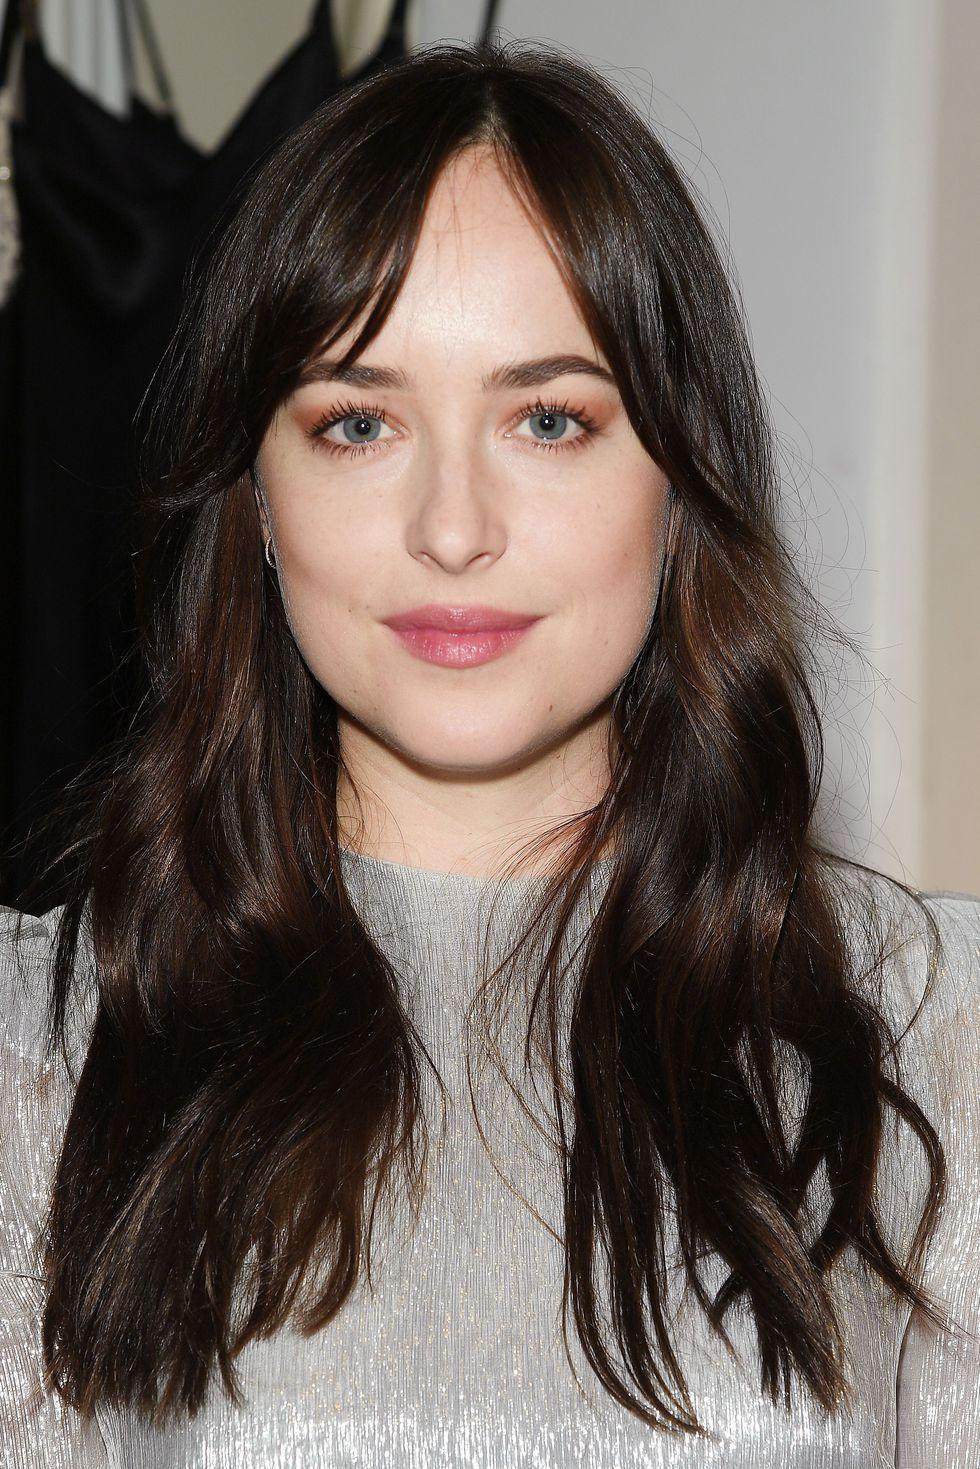 Mỹ nhân Hollywood gợi ý 10 kiểu tóc xoăn đẹp cho từng dáng mặt - Ảnh 2